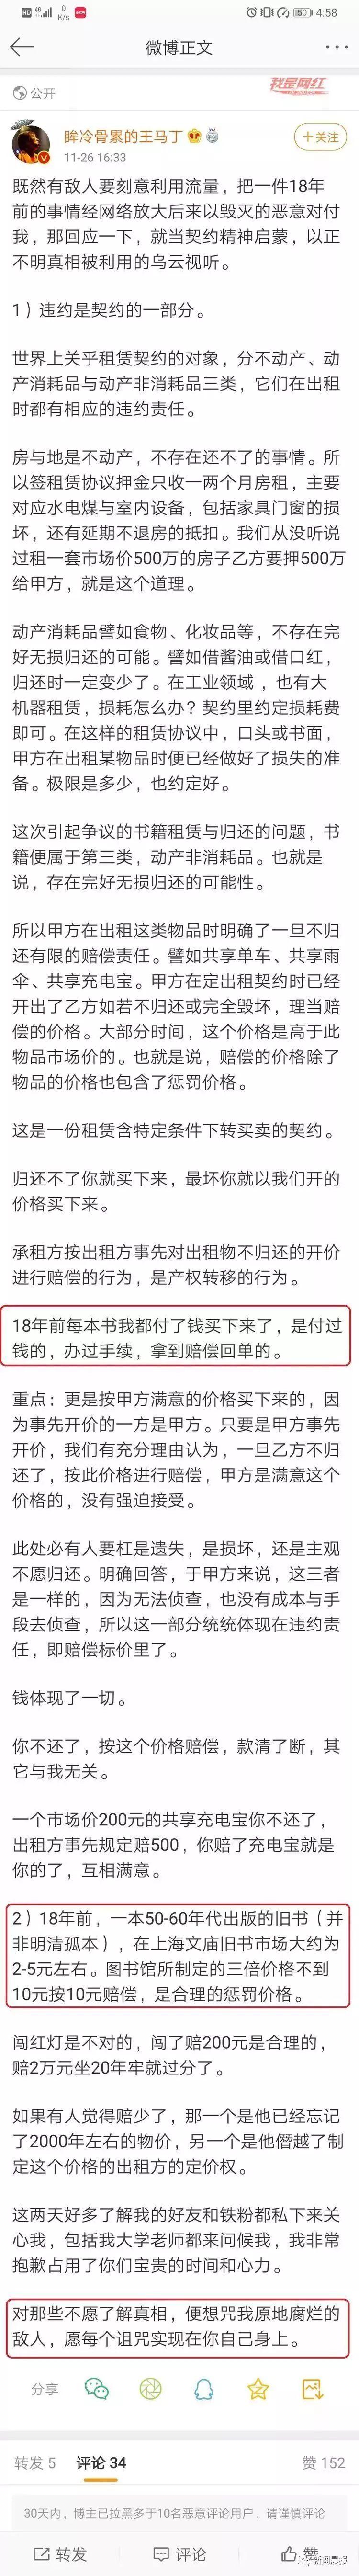 澳门度假村娱乐平台_武汉一女子使用蒸汽眼罩患上结膜炎 专家:网红产品要慎用